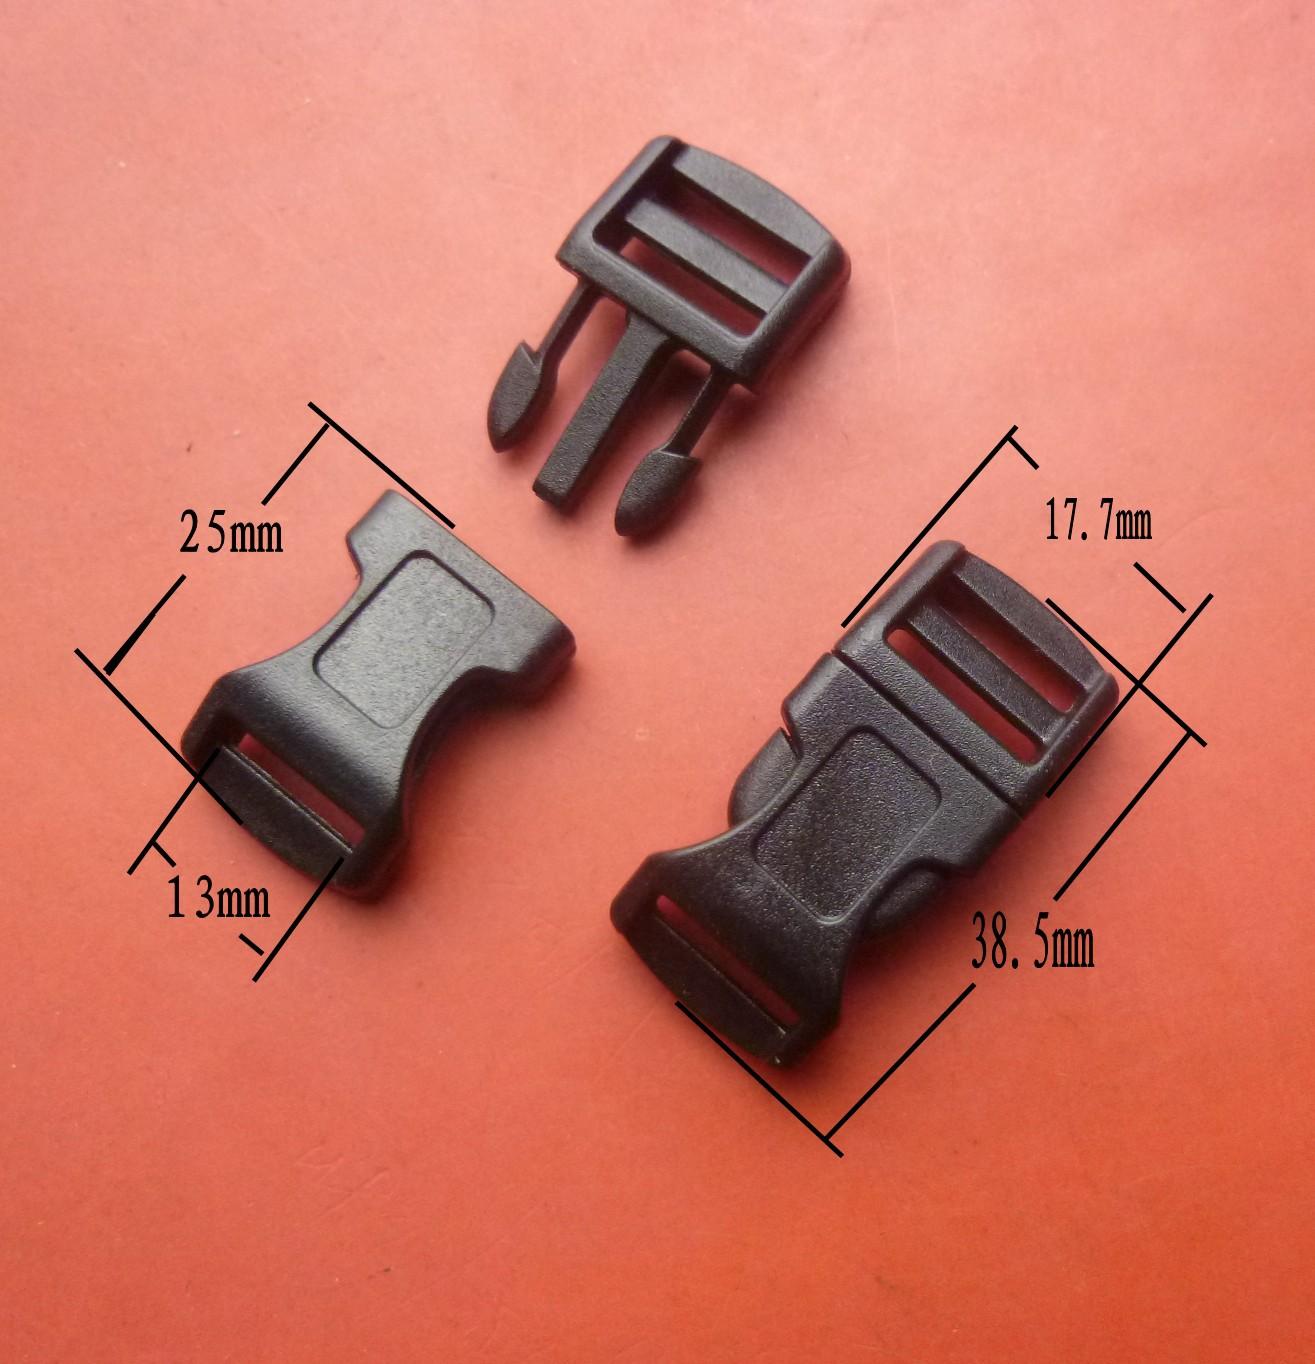 塑料小插扣_buckle現貨供應批發迷你環保塑料小插扣 1cm手鏈扣 廠家直銷 - 阿里巴巴